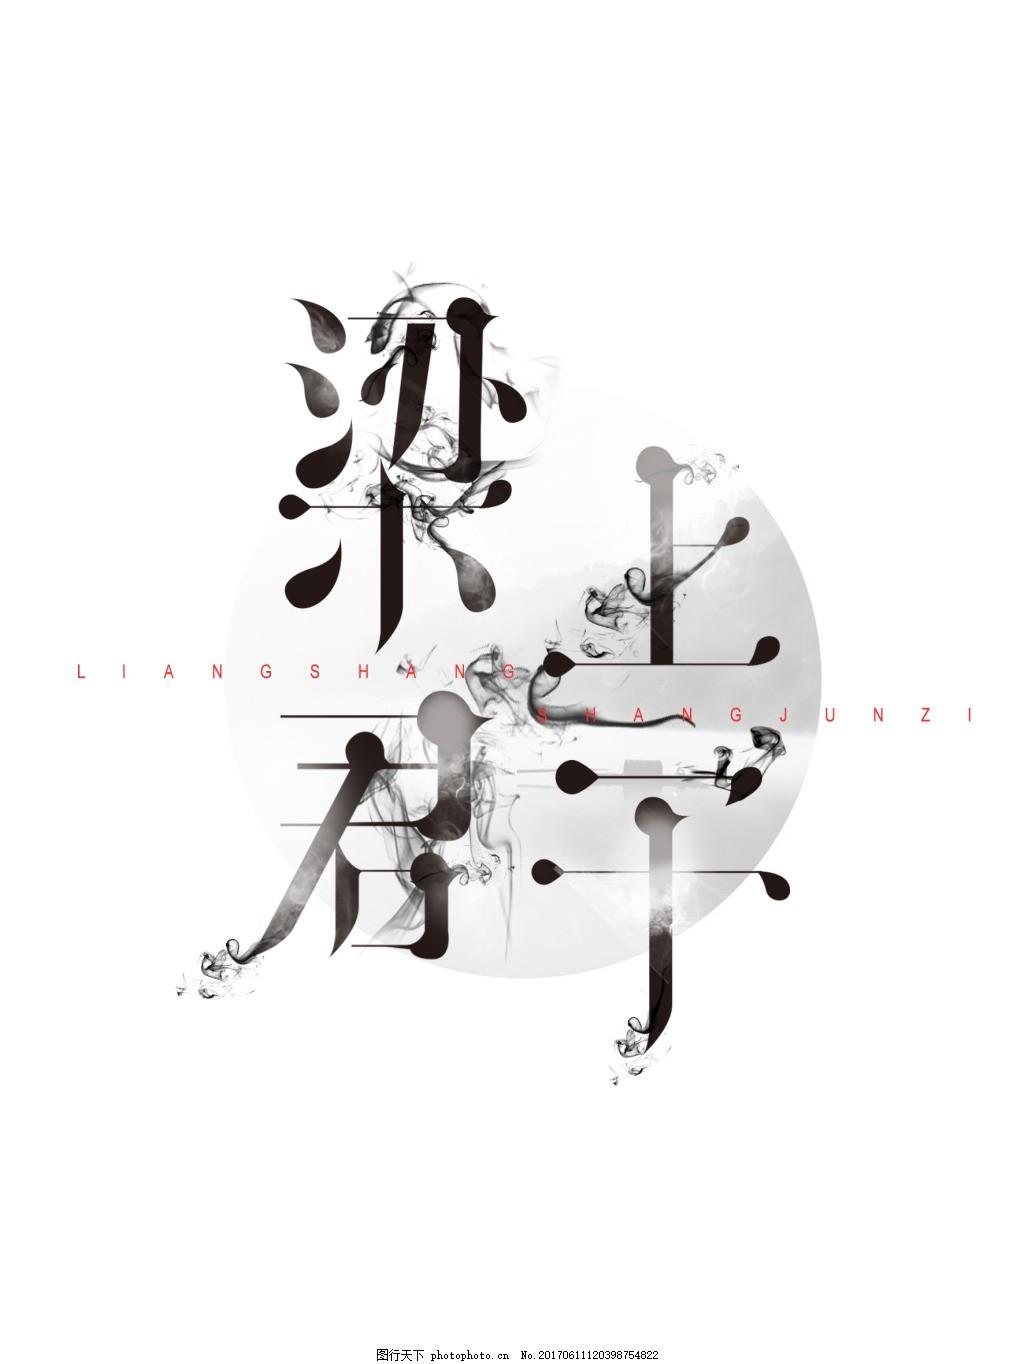 梁上君子字体设计 ps 古风 墨 艺术字 毛笔 字体设计 水墨设计